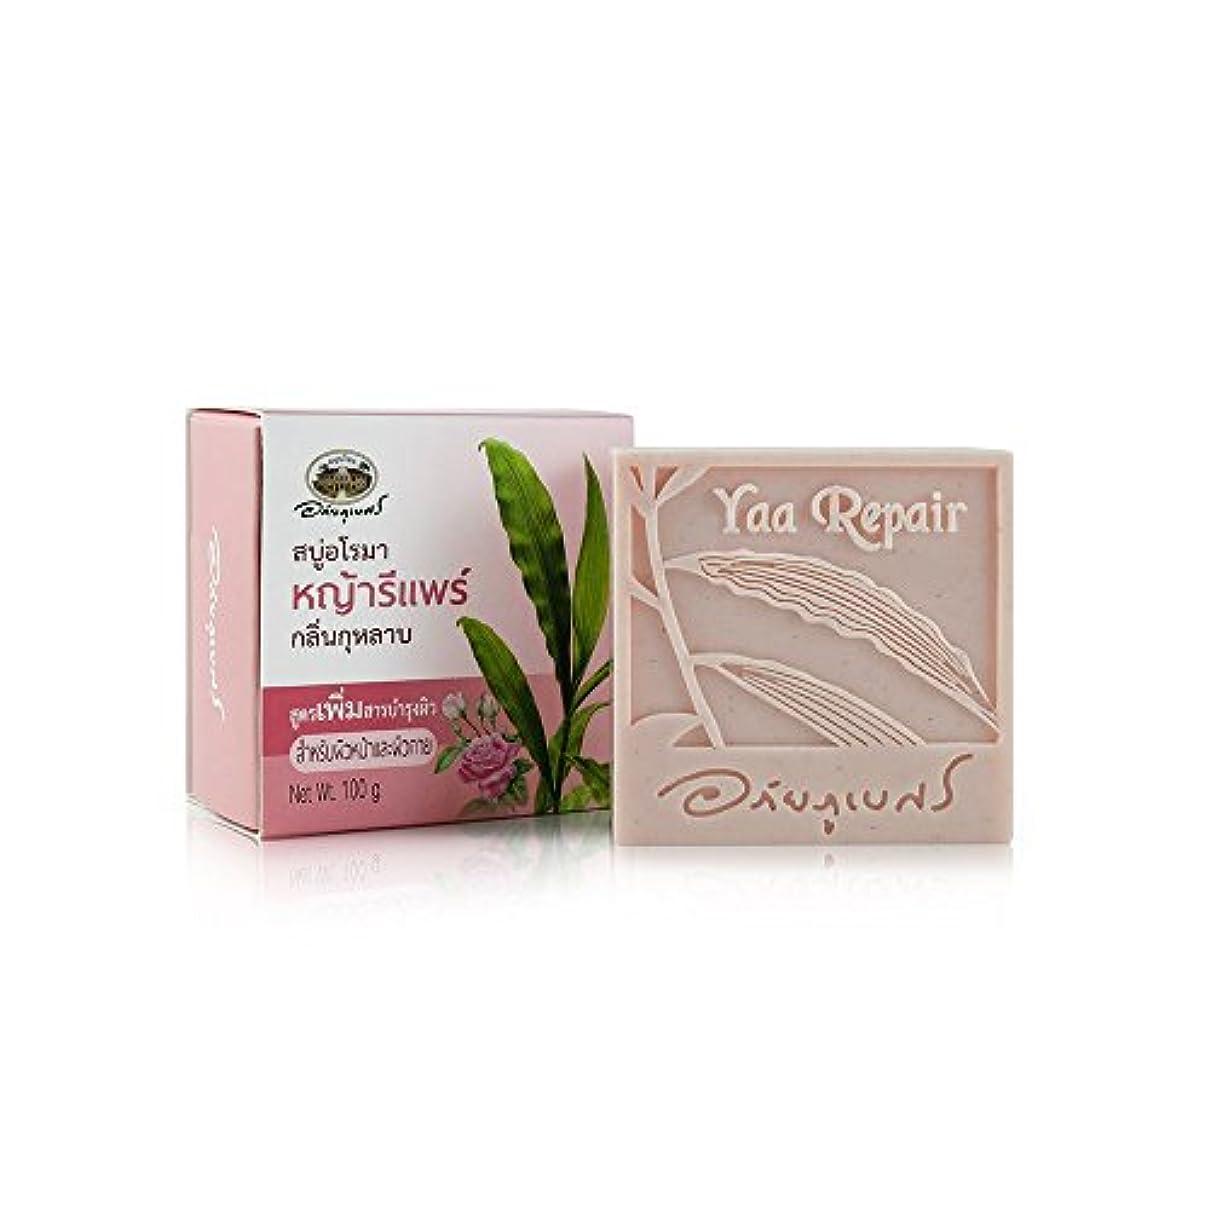 モンキー解釈的傷つきやすいAbhaibhubejhr Thai Aromatherapy With Rose Skin Care Formula Herbal Body Face Cleaning Soap 100g. Abhaibhubejhr...